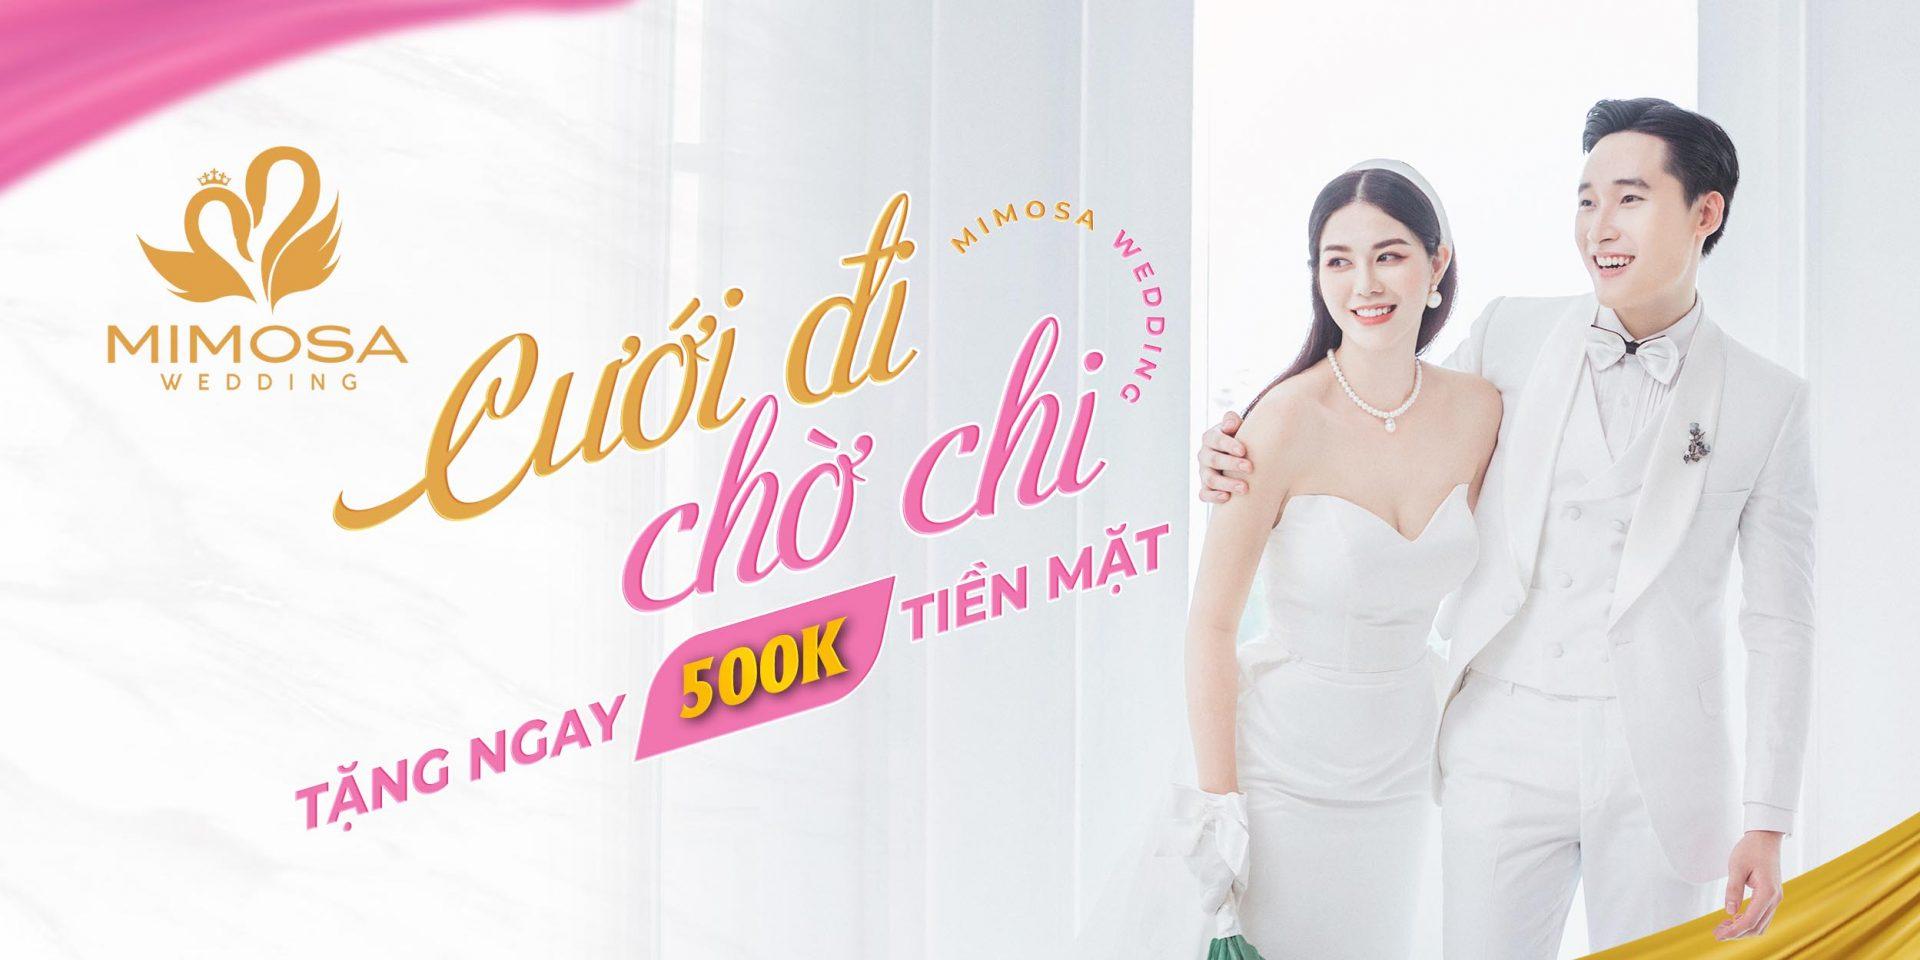 mimosa-wedding-cuoi-di-cho-chi